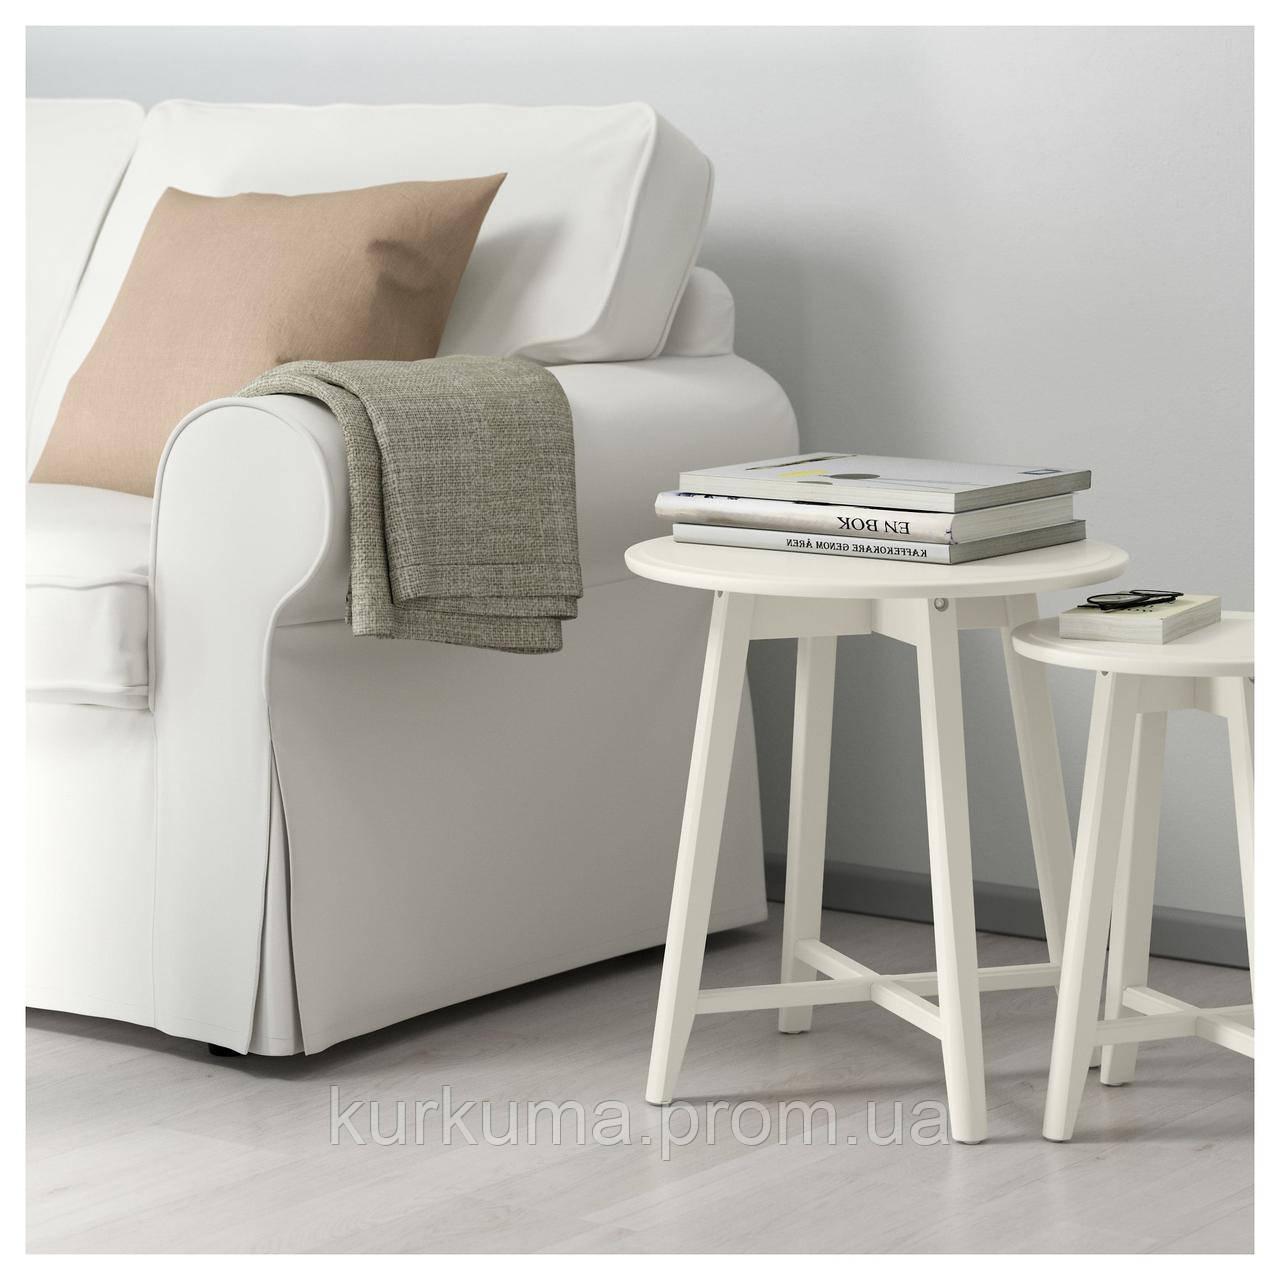 IKEA KRAGSTA Стол 2 шт., белый  (202.998.29)